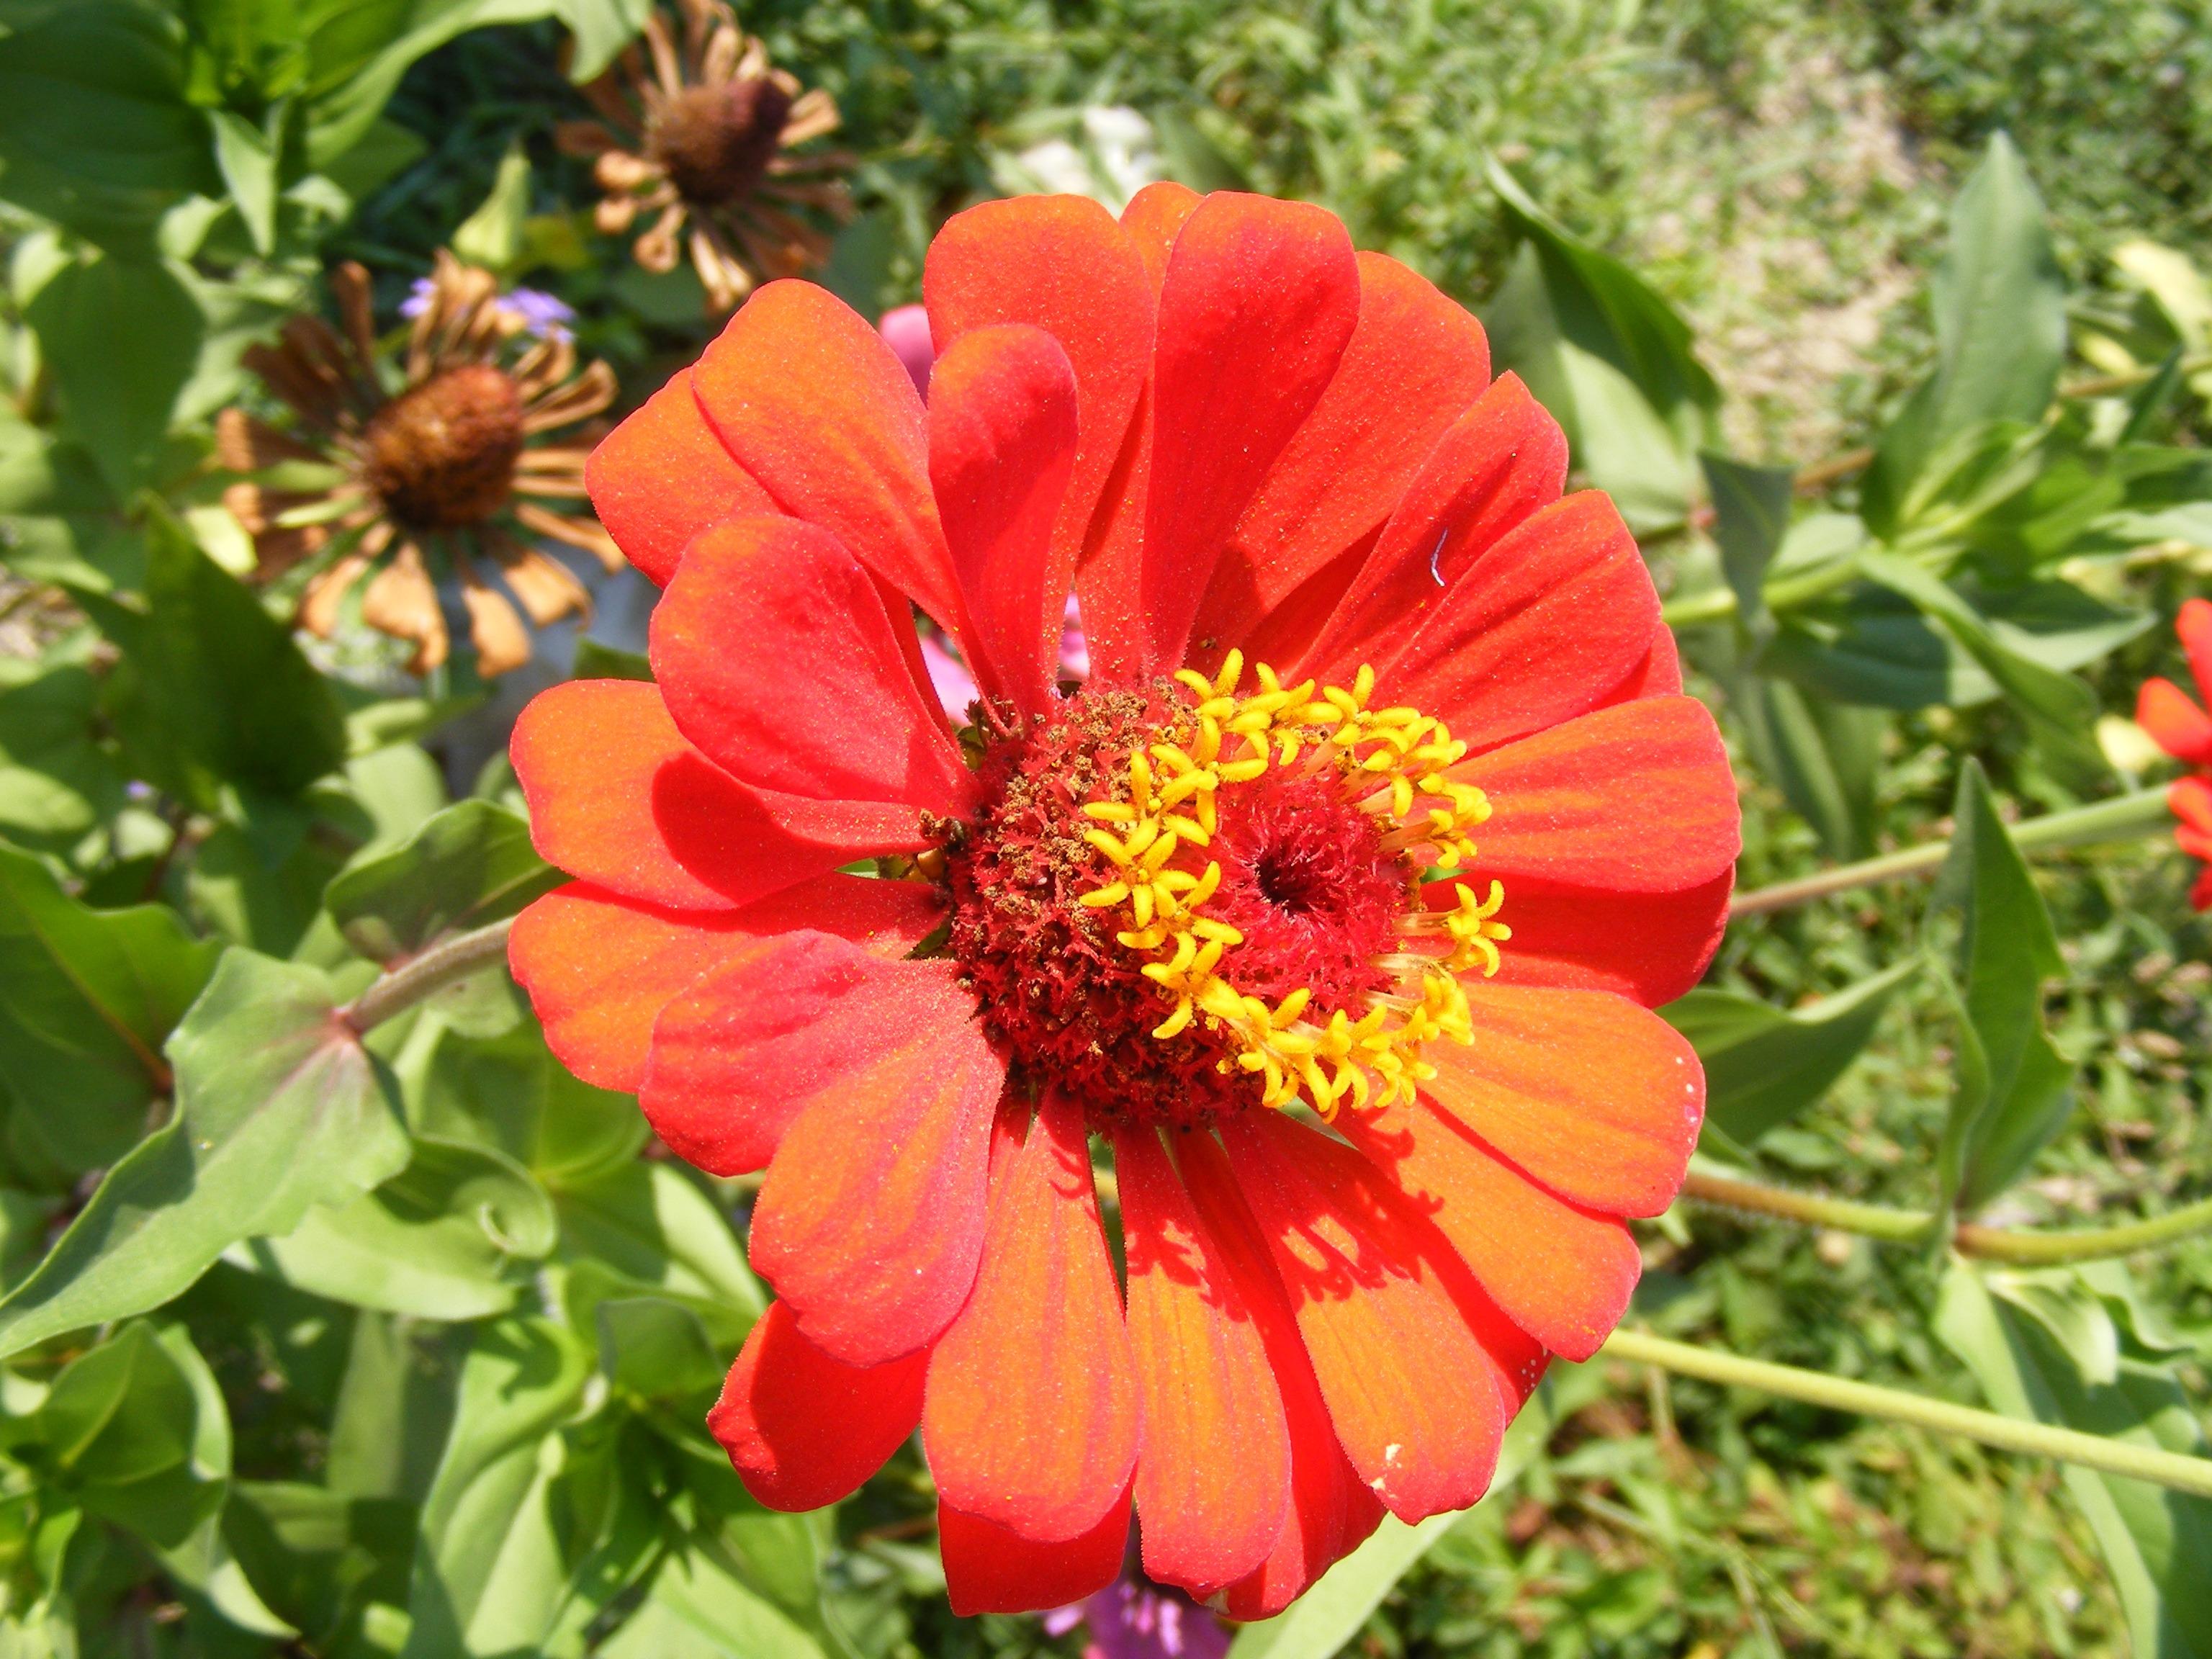 Fotos gratis sol p talo verano rojo bot nica jard n flora plantas flor silvestre - Plantas de jardin fotos ...